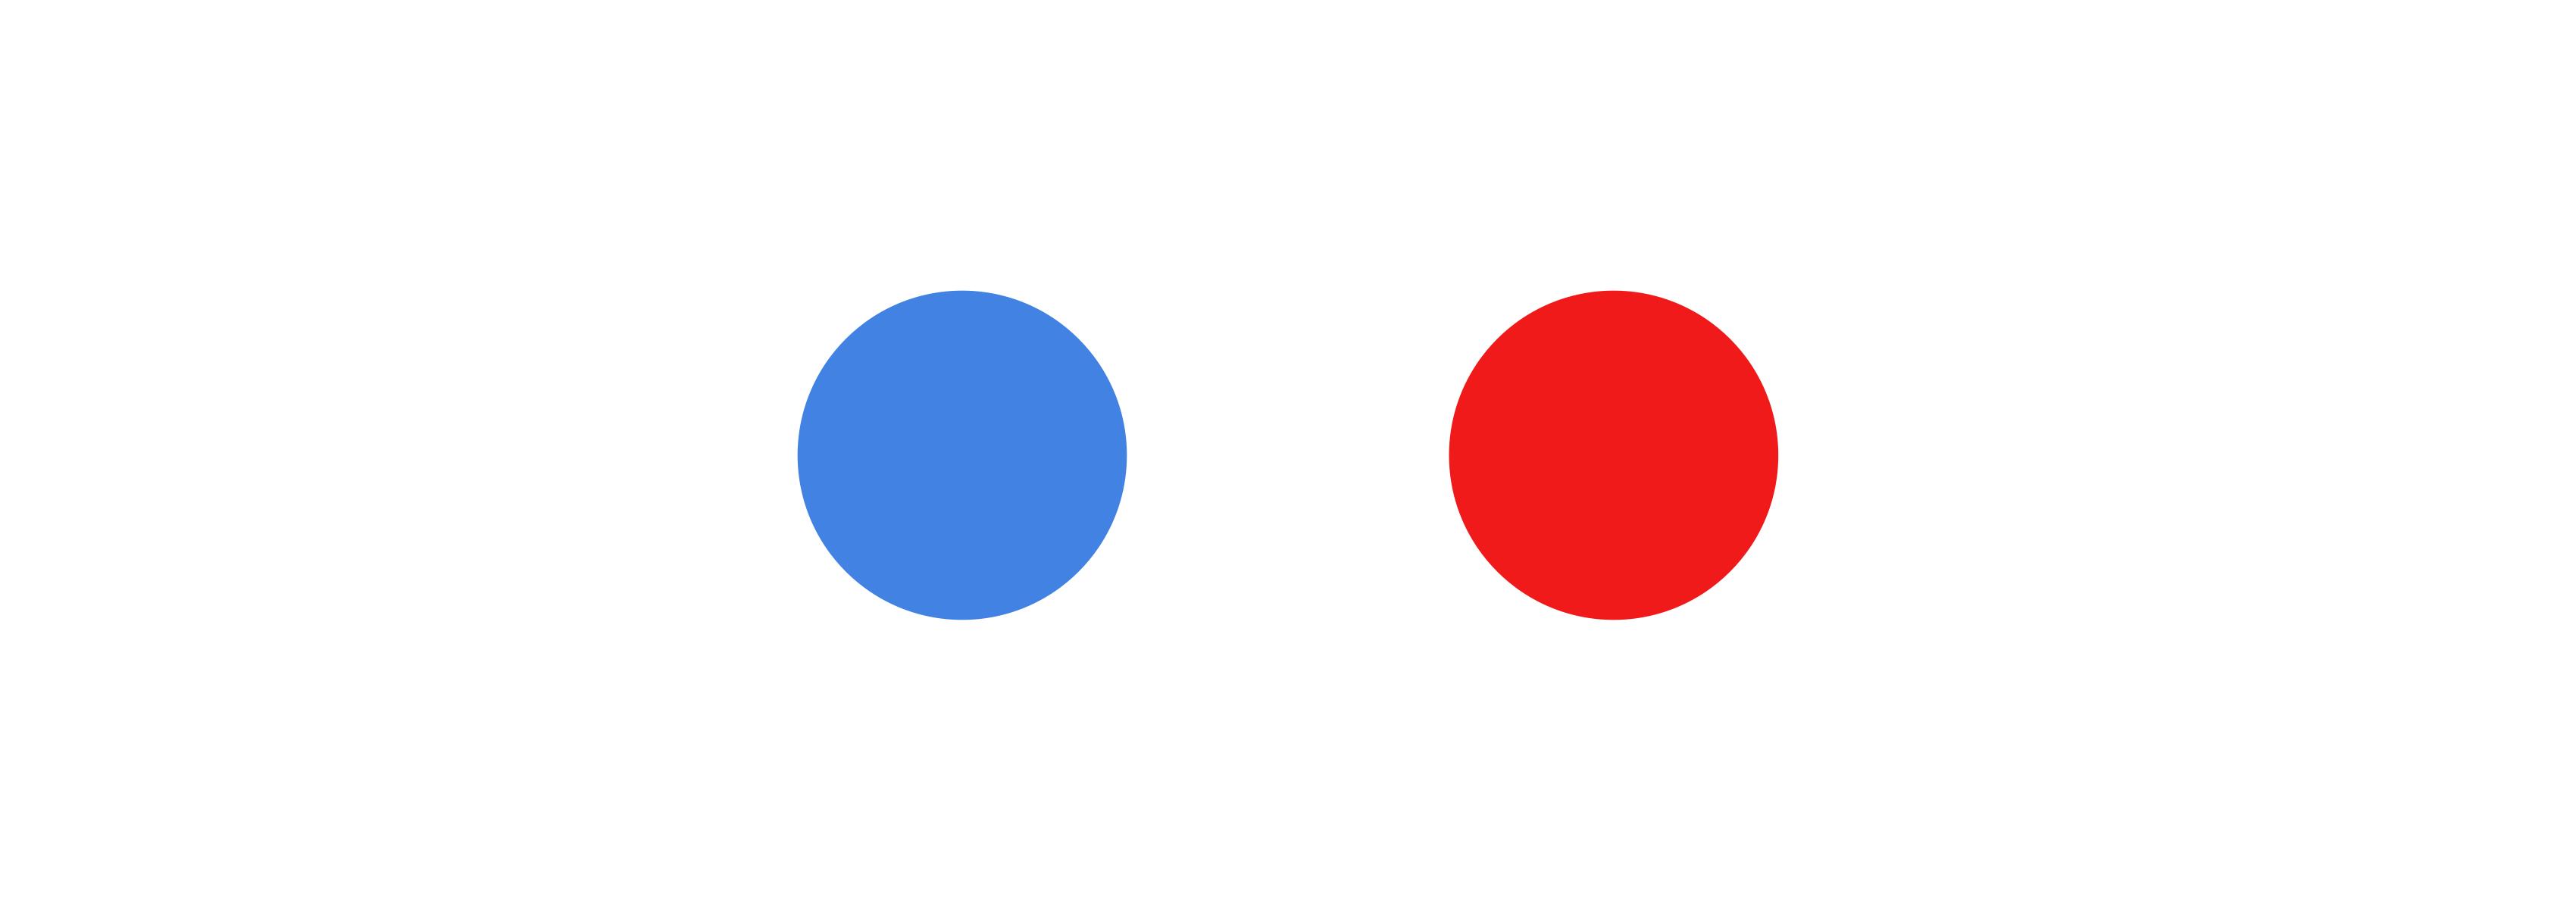 Zwei Kreise · Blau und Rot · Weißer Hintergrund